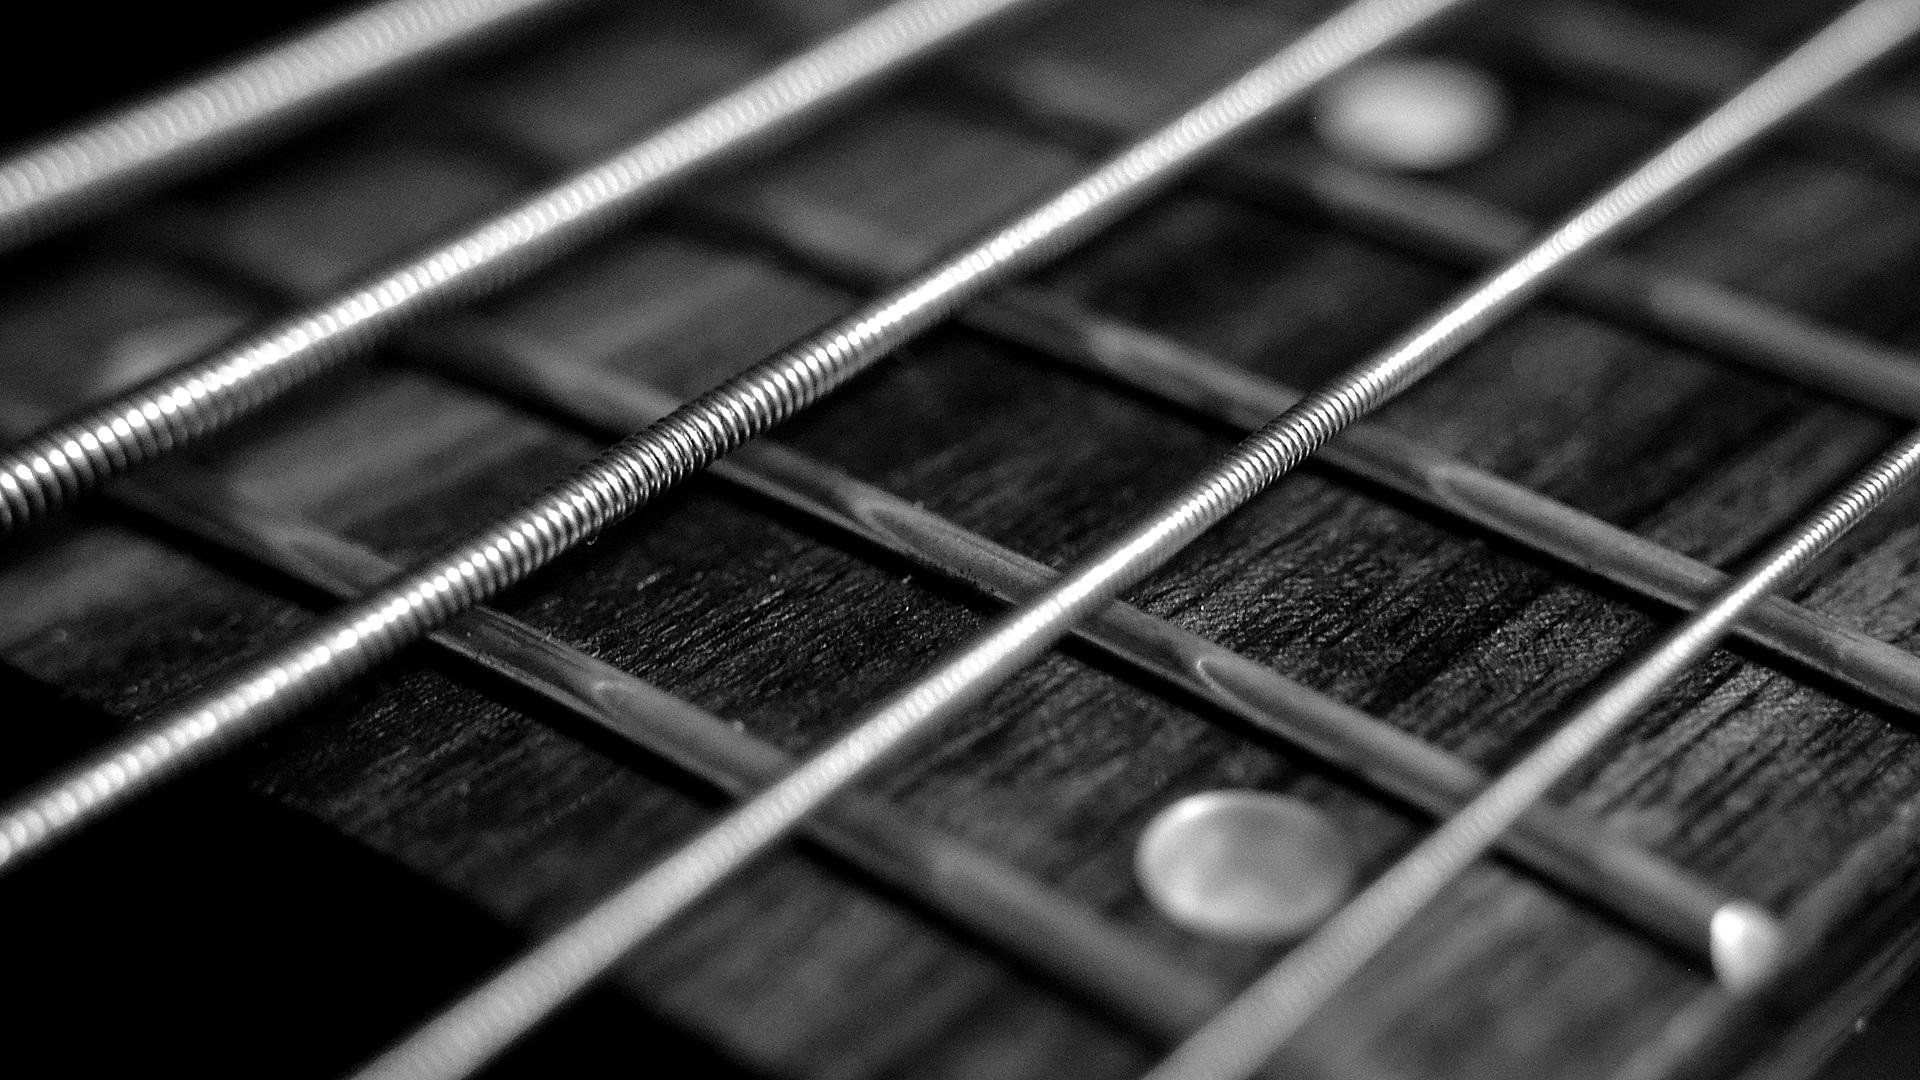 Guitar strings, ropes, mast, guitar, music